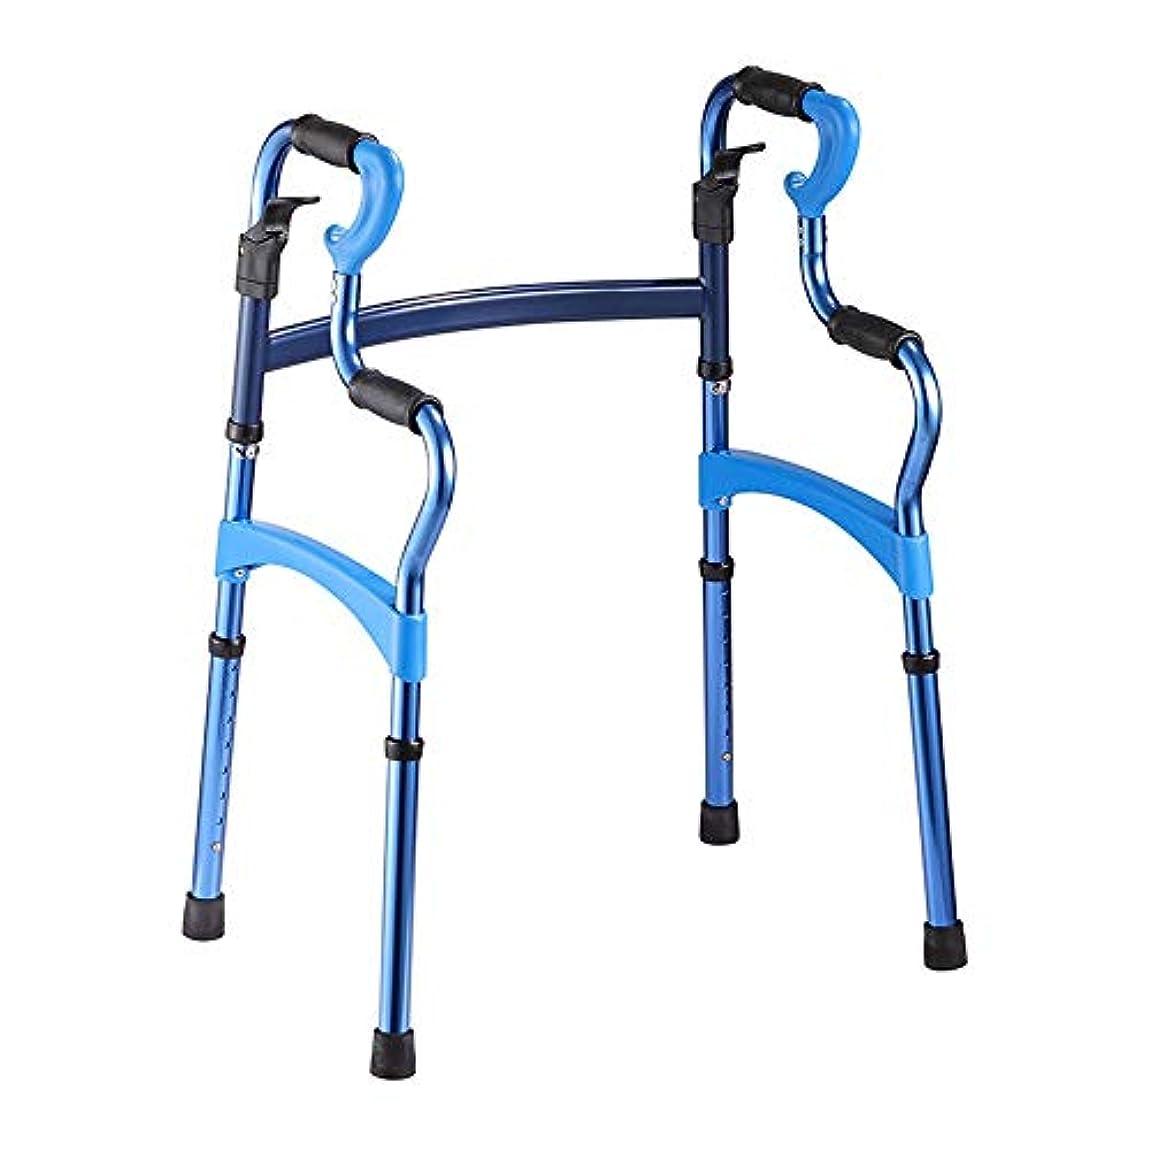 ピアノを弾く蒸発忌まわしい高齢者、障害者、障害者、または負傷者のための調整可能な折りたたみ歩行補助具、軽量で調整可能な移動補助具